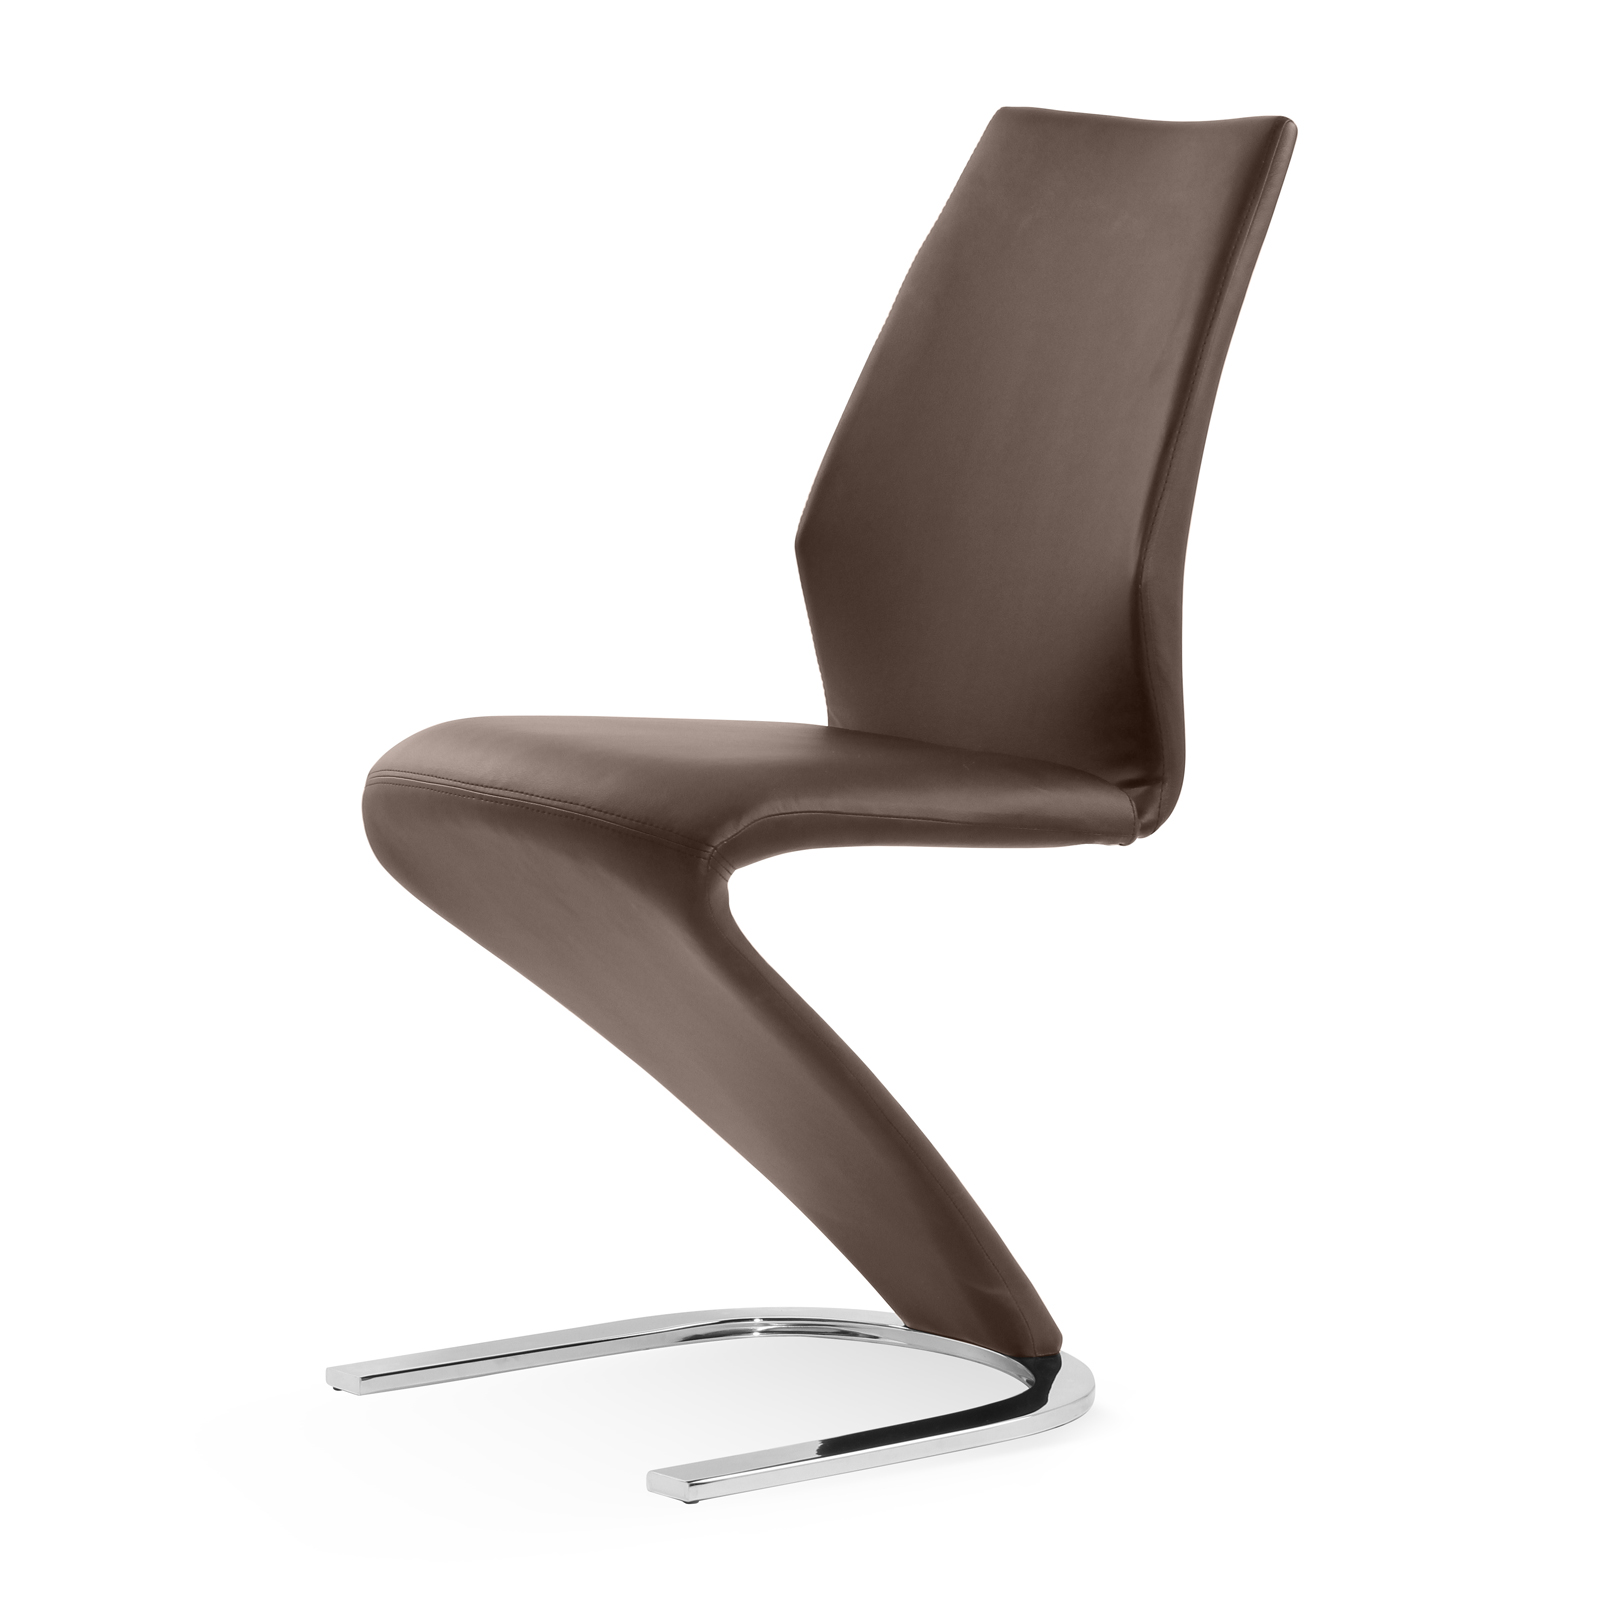 sam design freischwinger stuhl bernhard echtleder in braun nc2275 auf lager. Black Bedroom Furniture Sets. Home Design Ideas